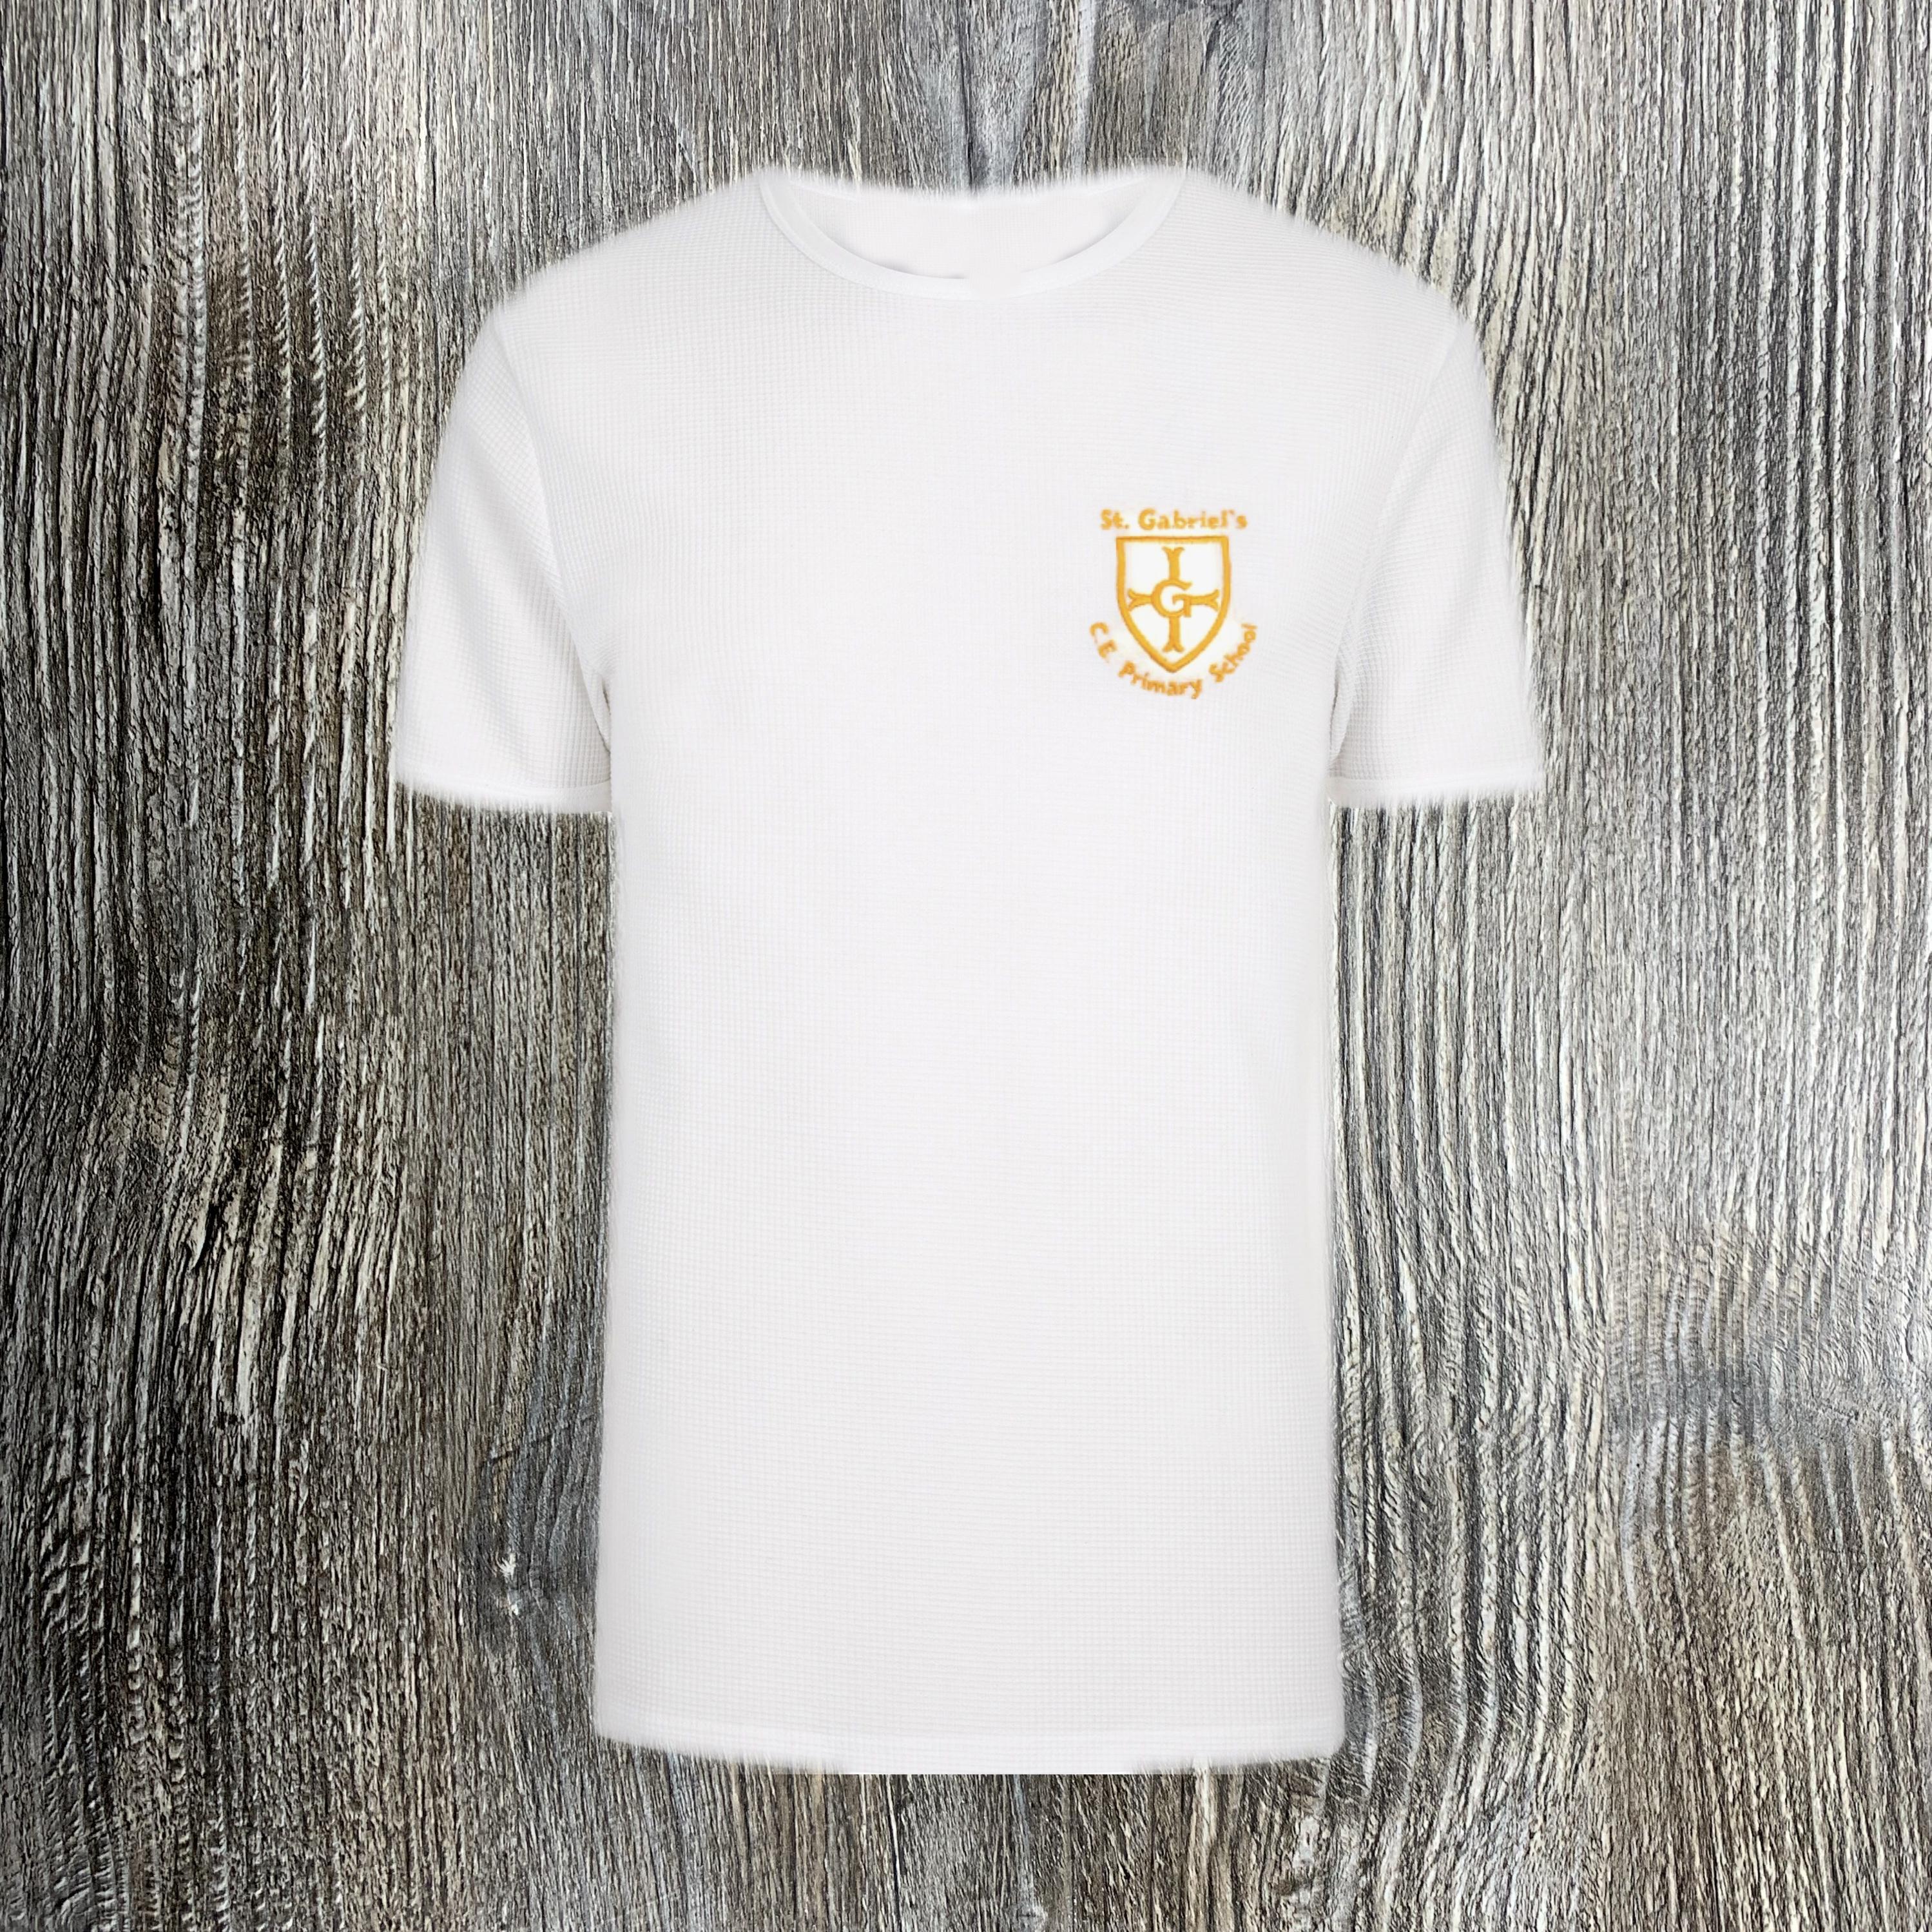 St Gabriels PE T-Shirt